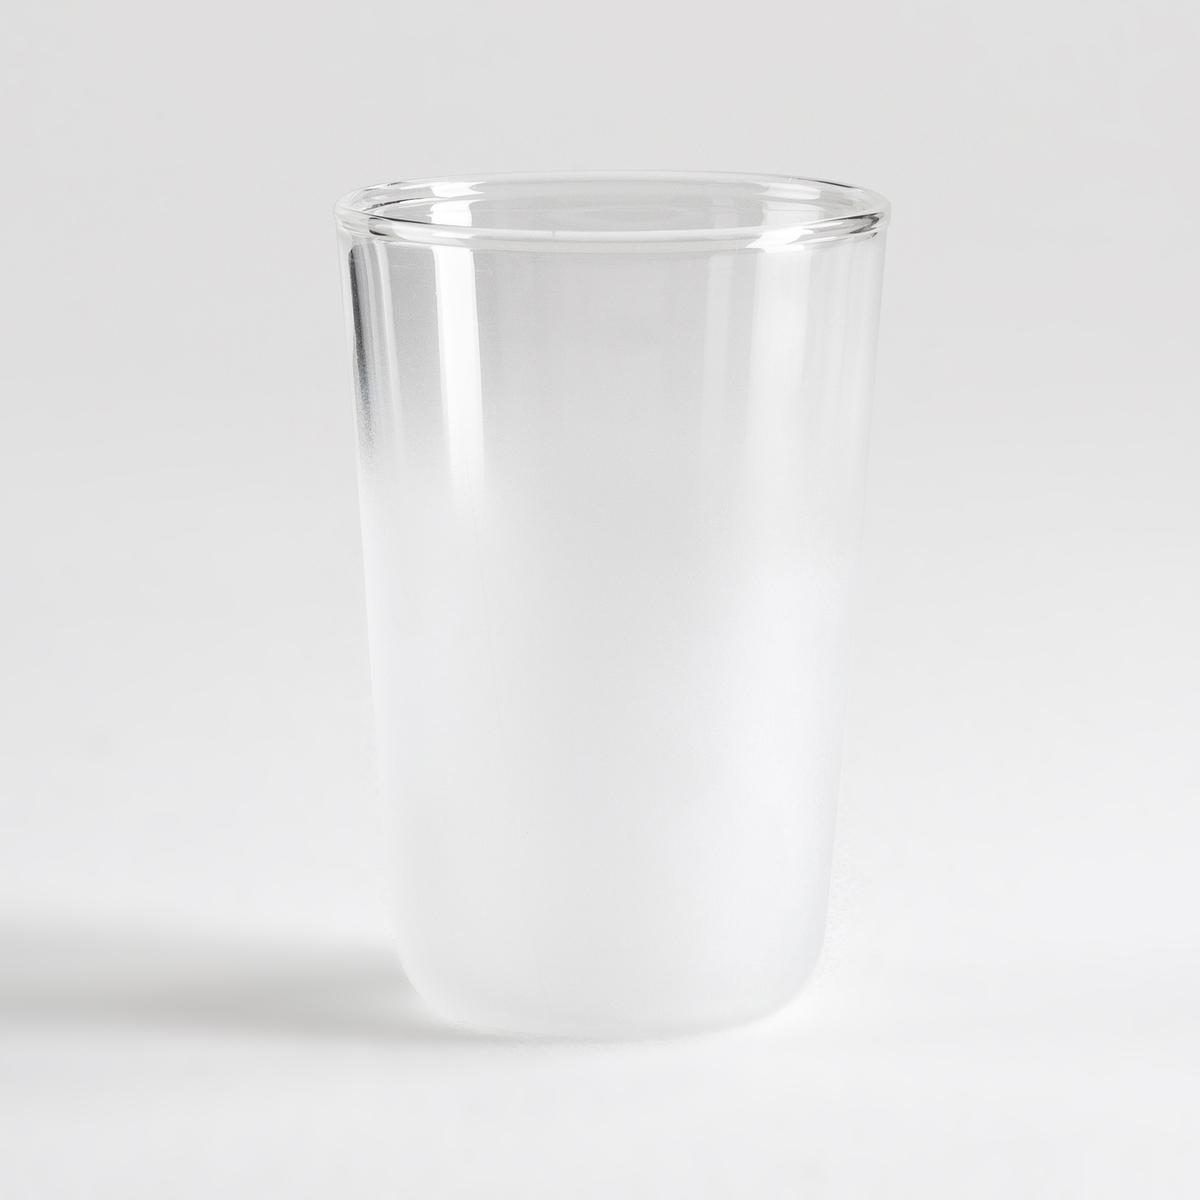 Бокал с эффектом измороси CARAPH (4 шт.)Описание:Комплект из 4 бокалов La Redoute Interieurs, в стильной форме стакана и с декоративным эффектом измороси.Характеристики 4 бокалов : •  Белый бокал с эффектом измороси •  Форма бокала •  Подходит для мытья в посудомоечной машинеРазмеры 4 бокалов: •  Диаметр 7 см •  Высота 10,5 см •  Объем  270 млВсю коллекцию столового декора вы найдете на сайте laredoute.<br><br>Цвет: прозрачный